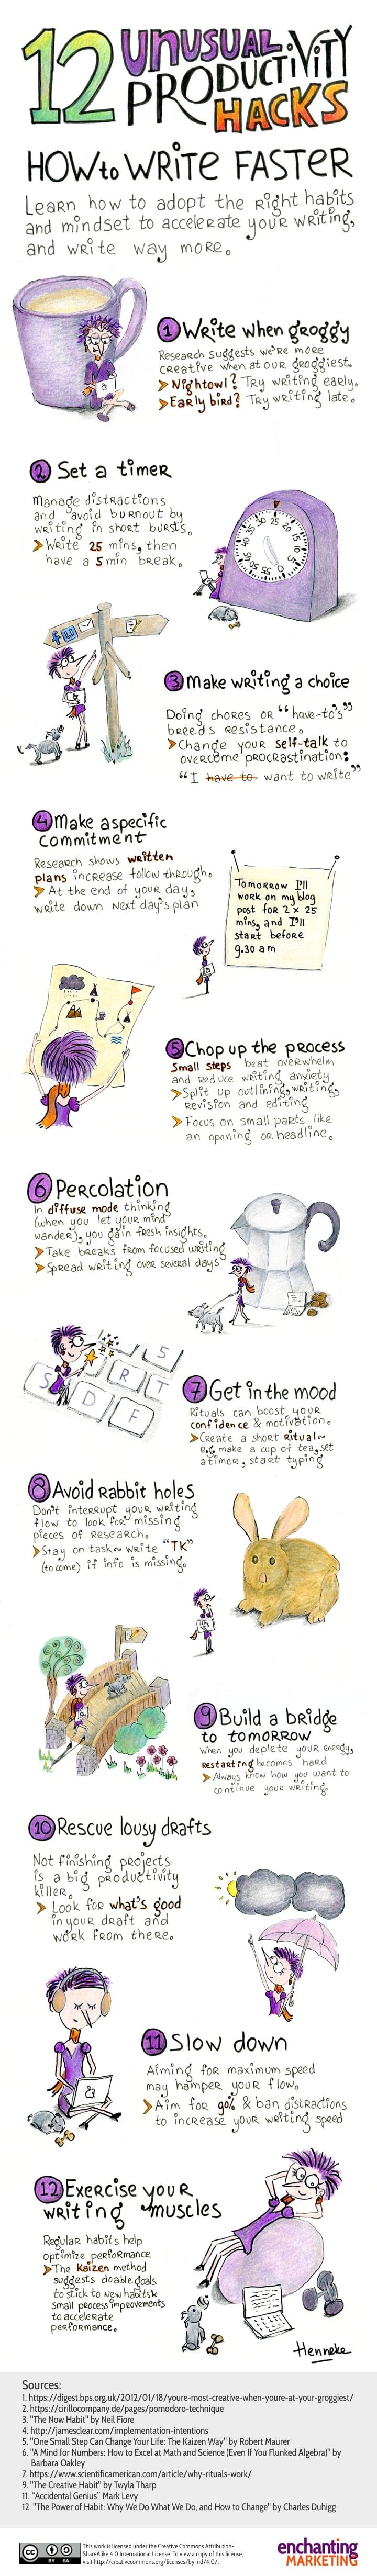 Come scrivere più velocemente - Infografica